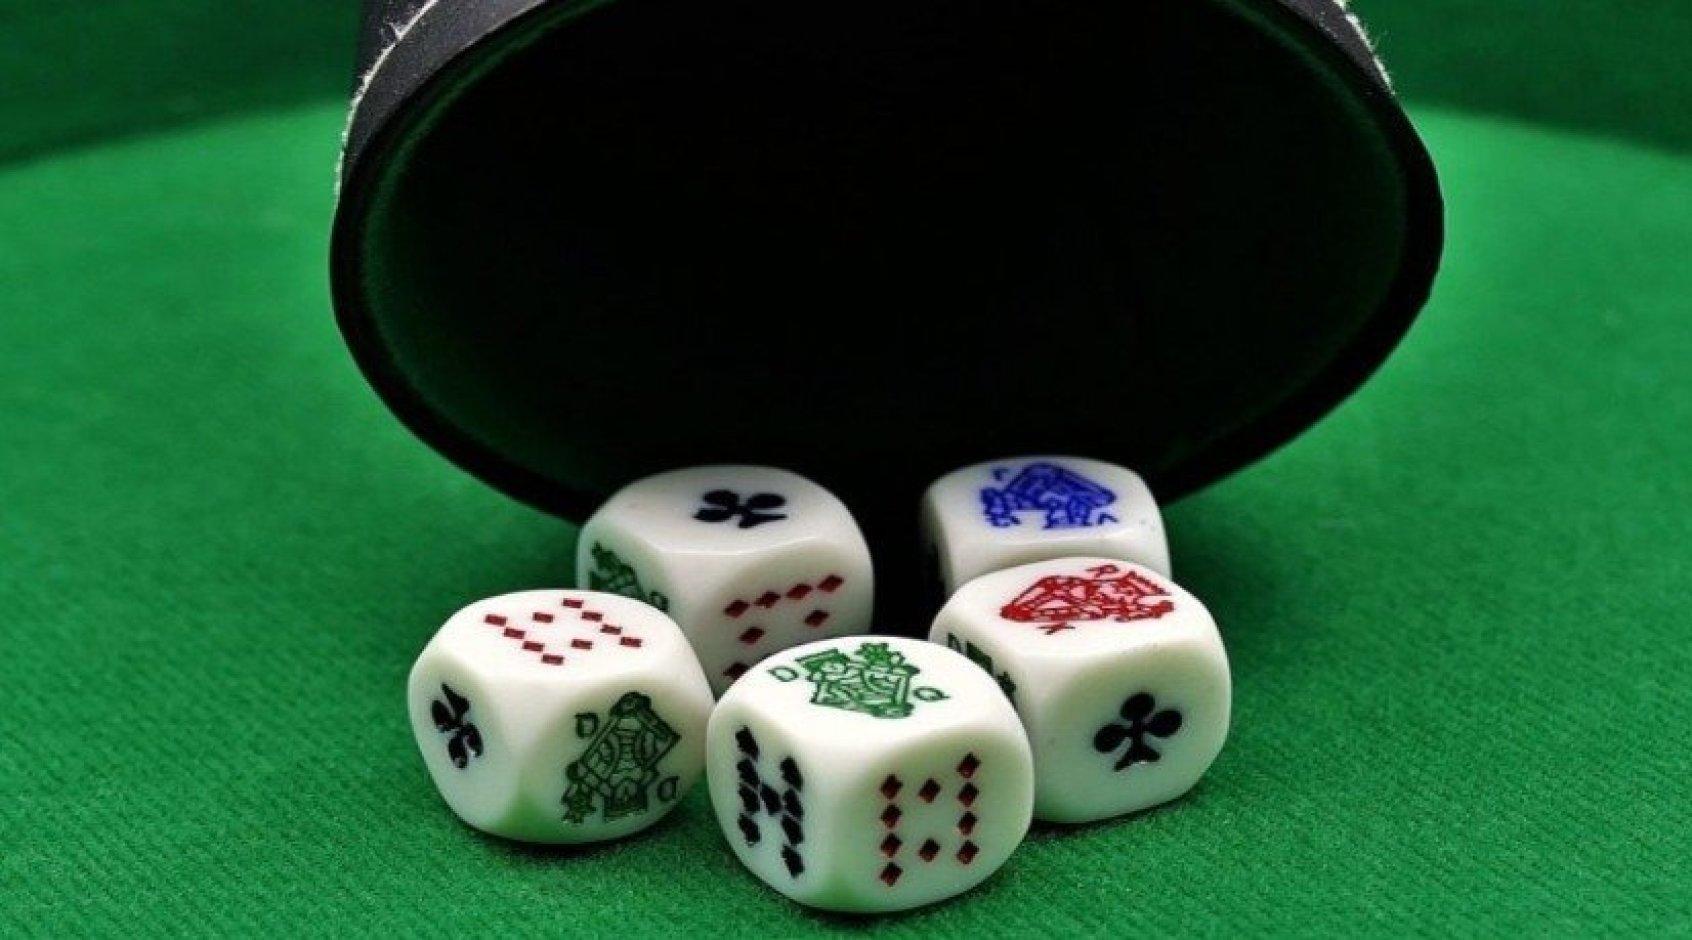 В Латвии запретили онлайн-покер